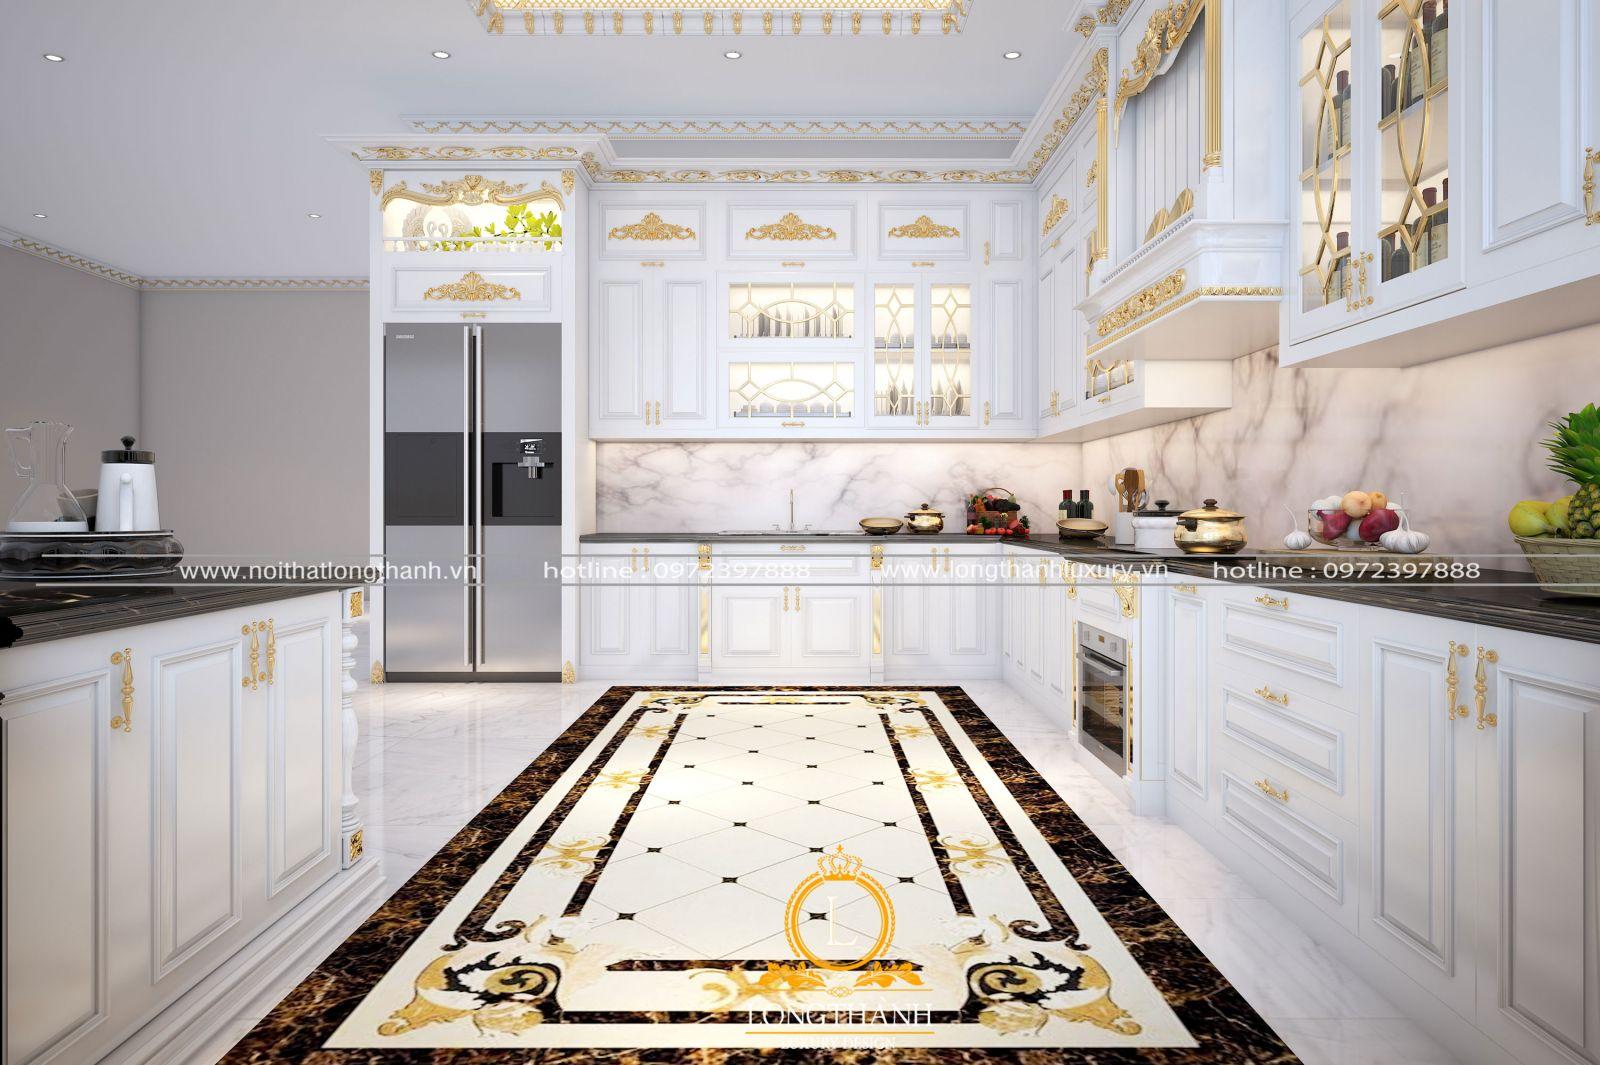 Hệ tủ bếp tân cổ điển được thiết kế logic